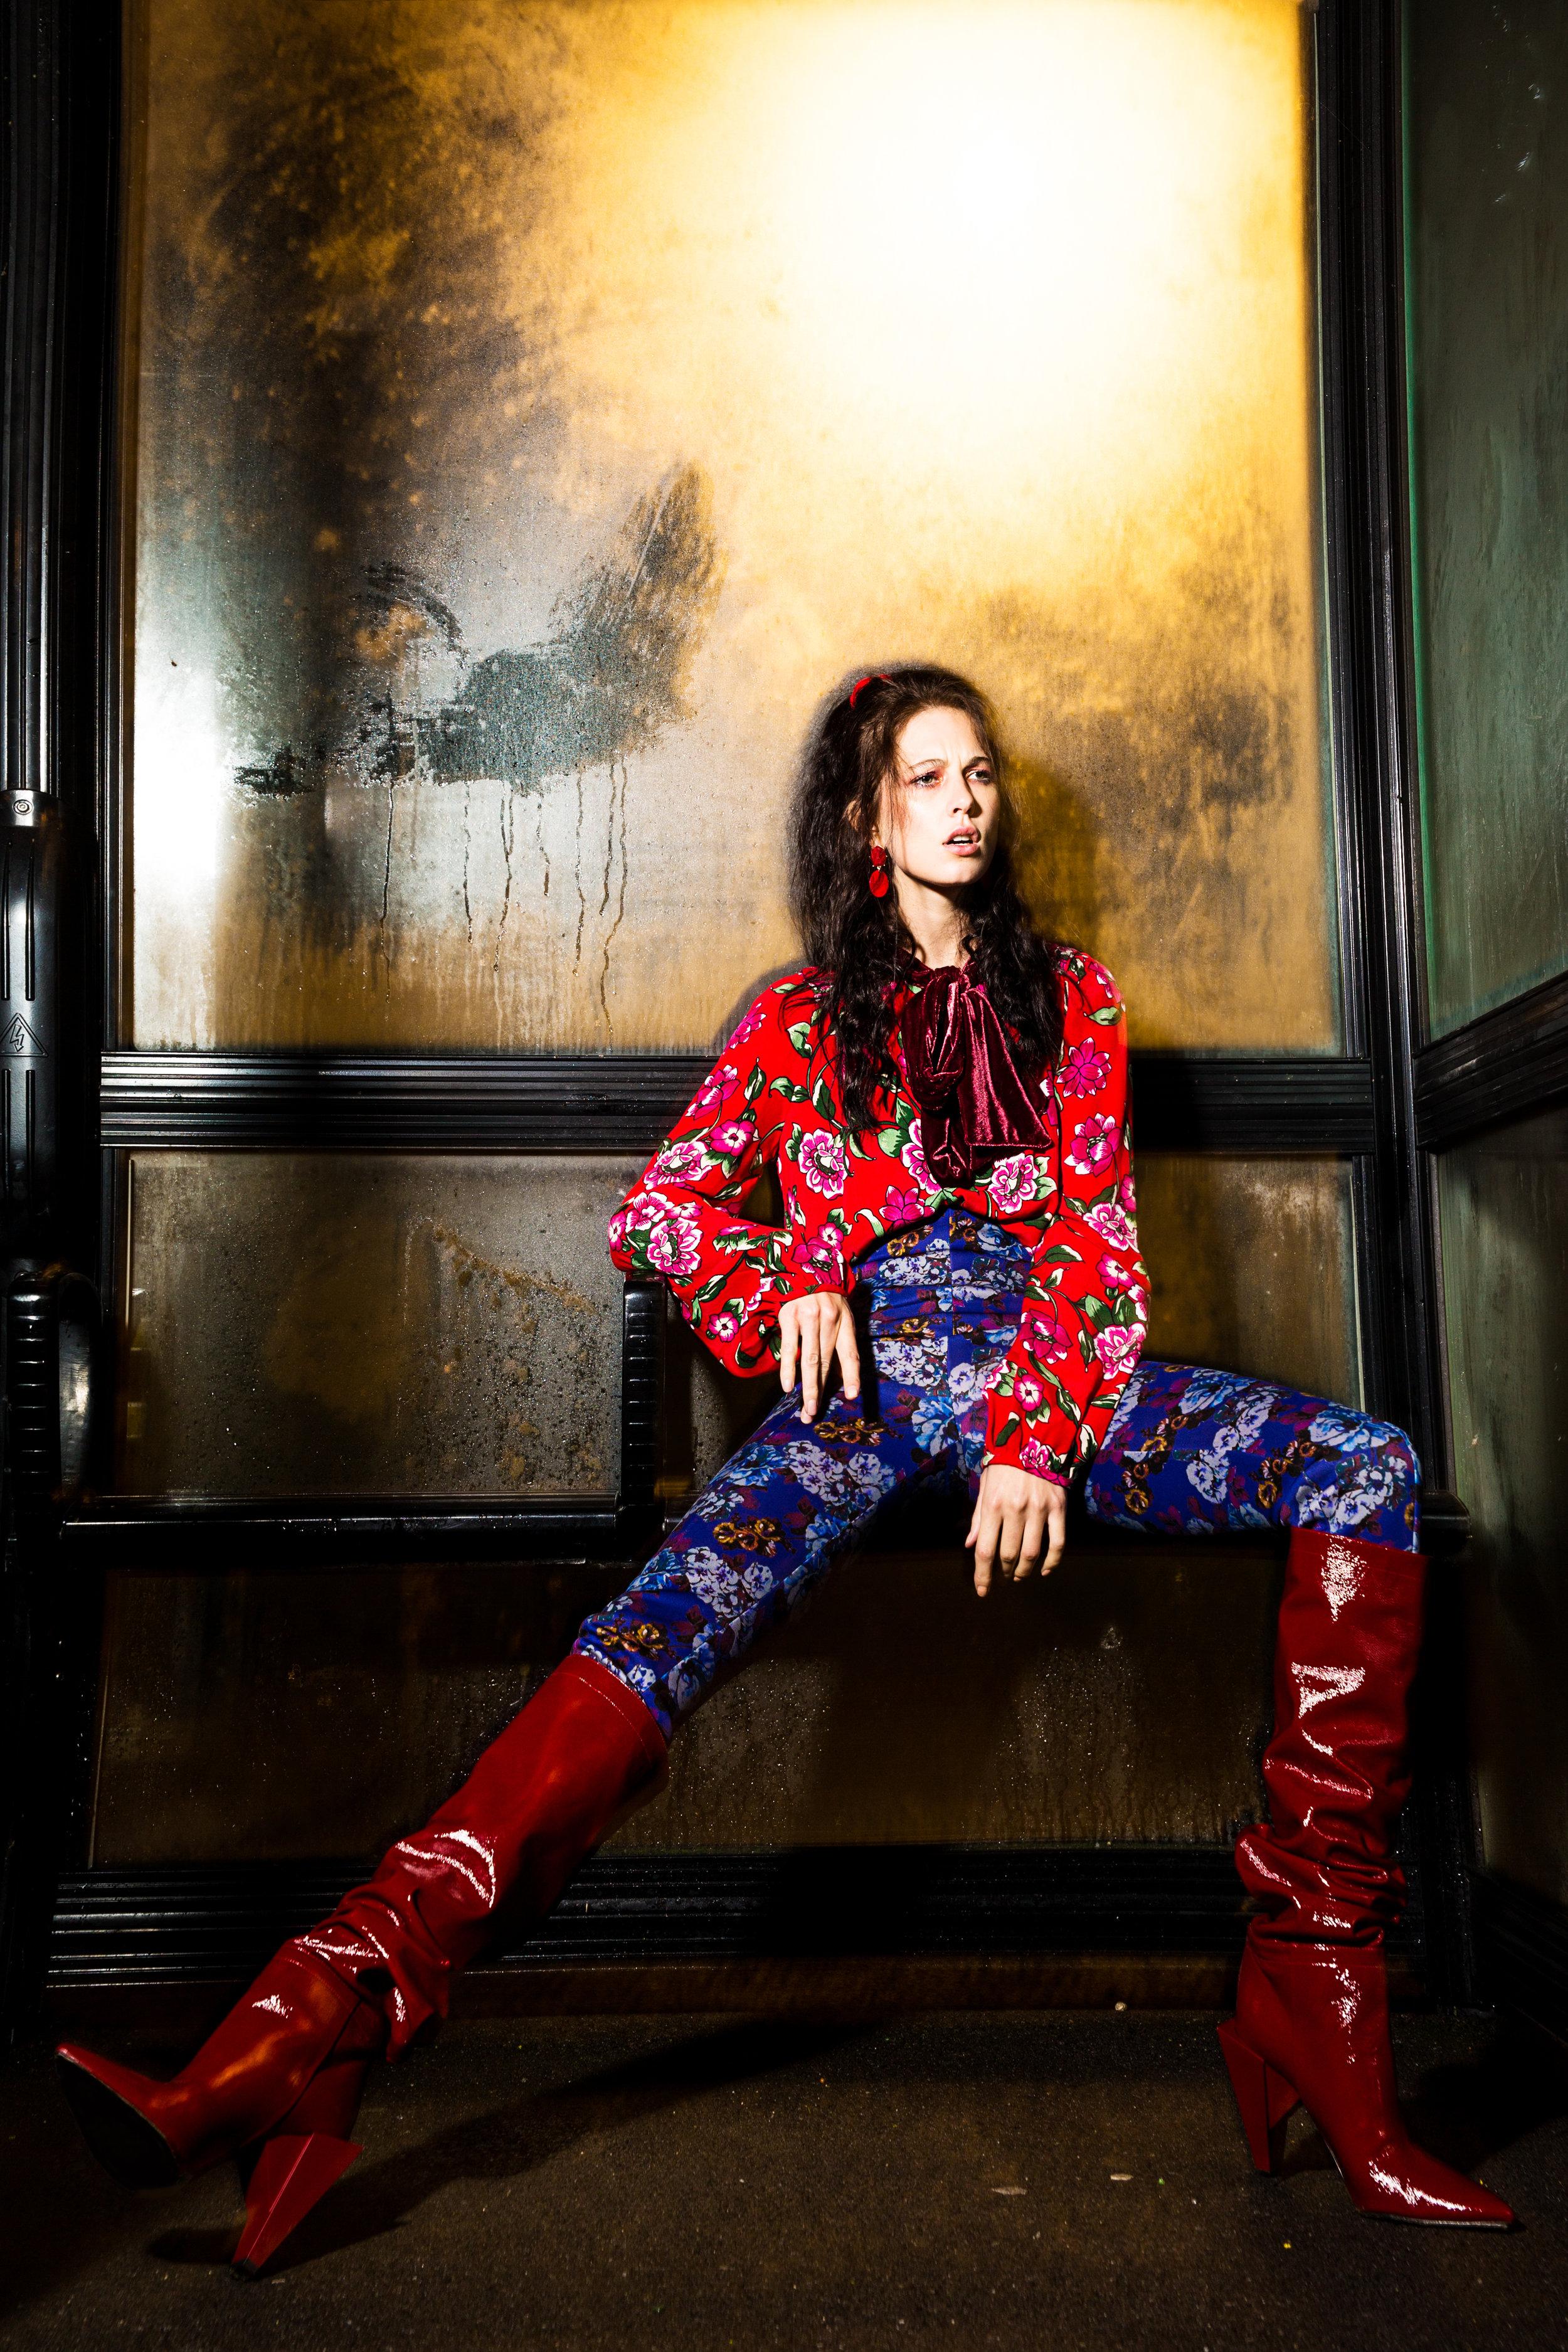 Red patterned blouse - Zara @zara Blue patterned leggings - Zara @zara Red patient boots - Zara @zara